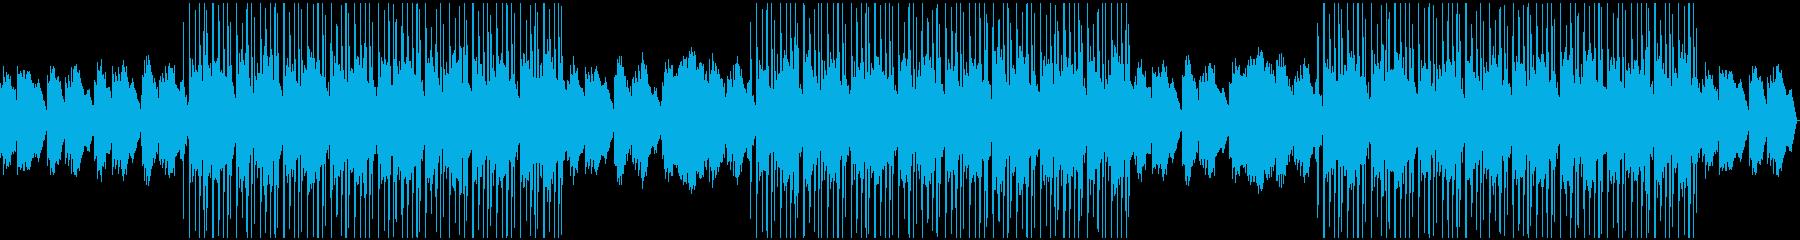 落ち着いた雰囲気のChill Musicの再生済みの波形